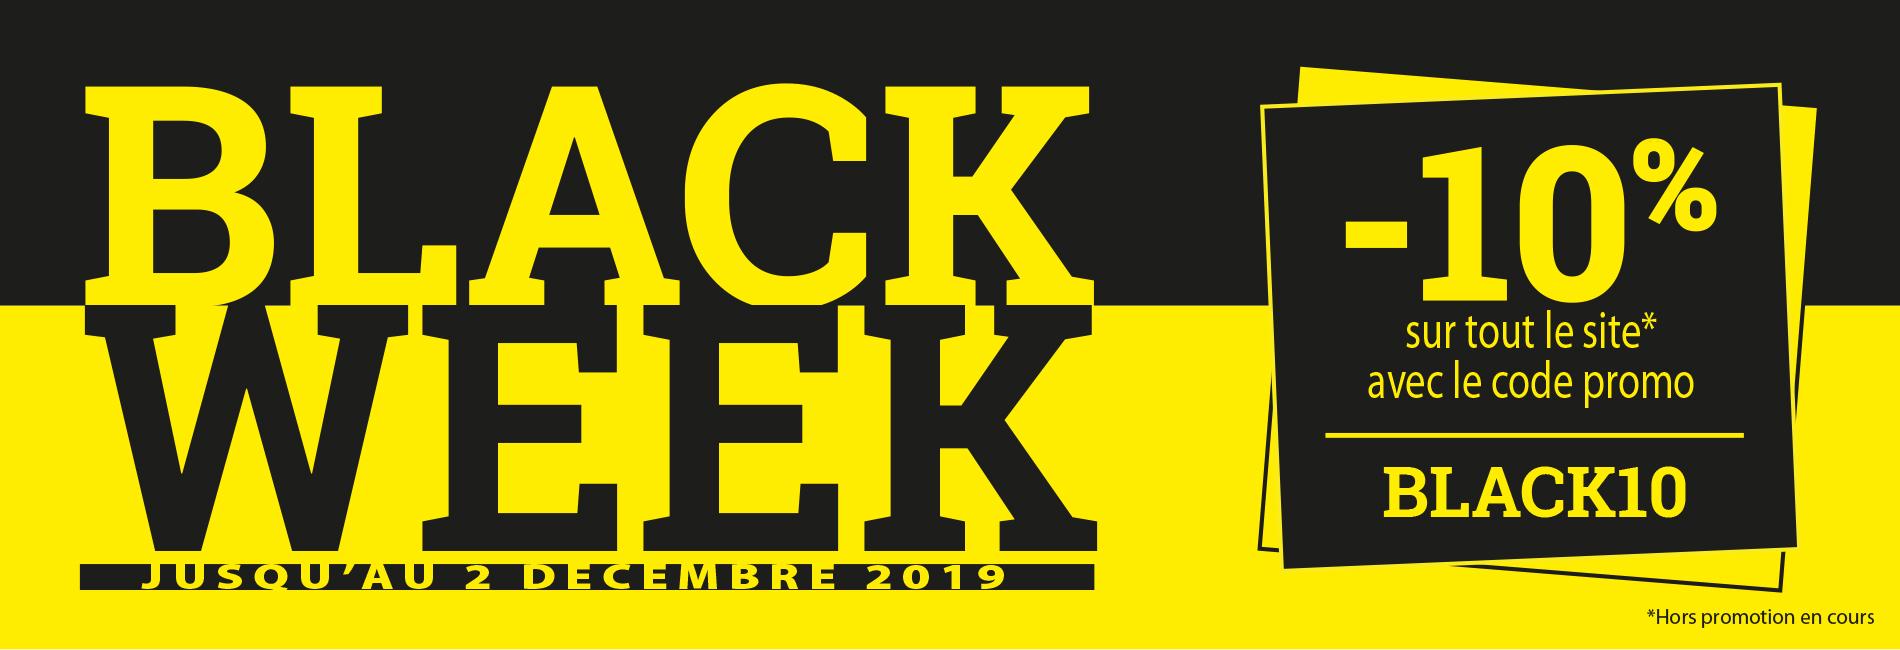 SLIDE-Blackweek_1.jpg